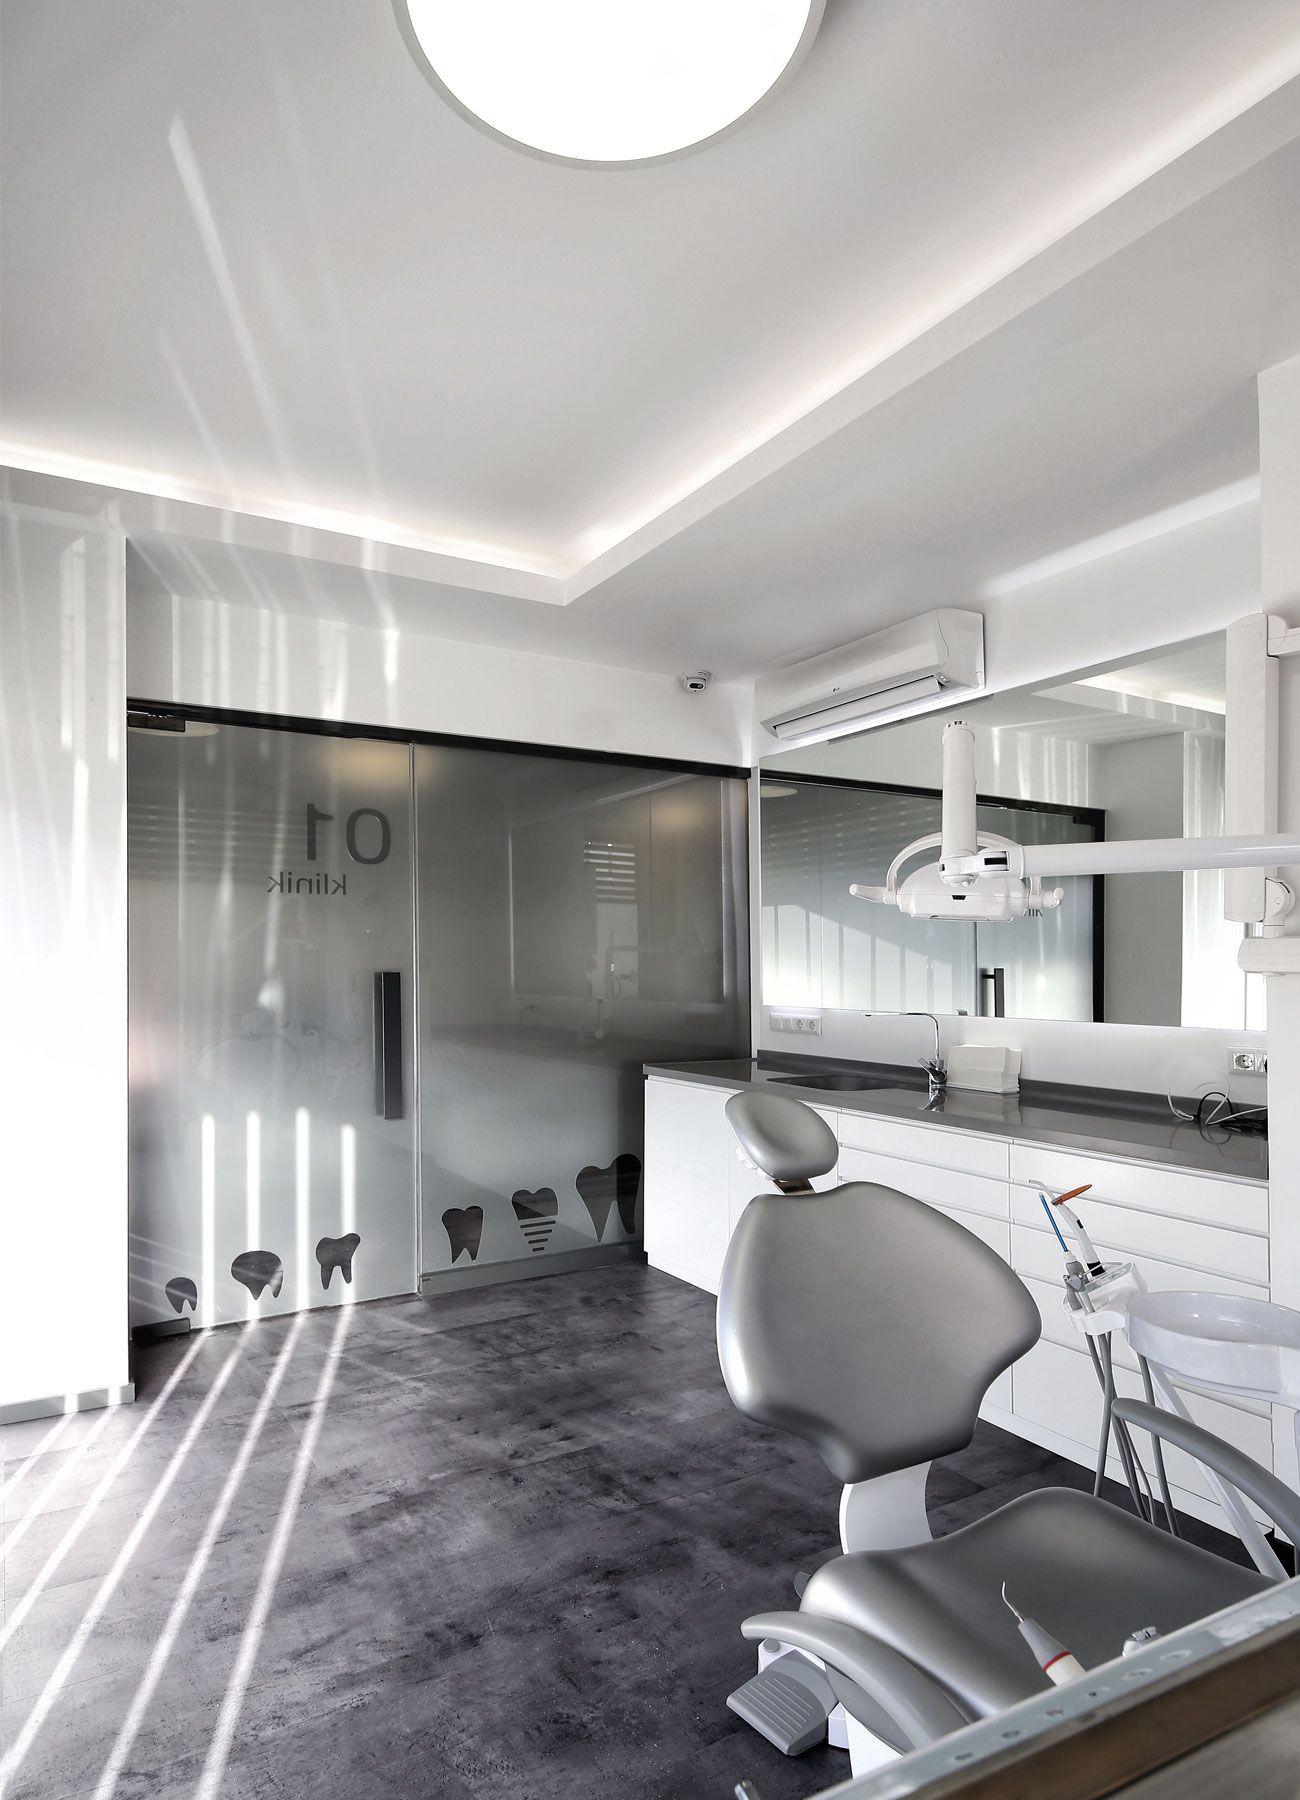 Doğudent Dental Polyclinic Dental office decor, Clinic